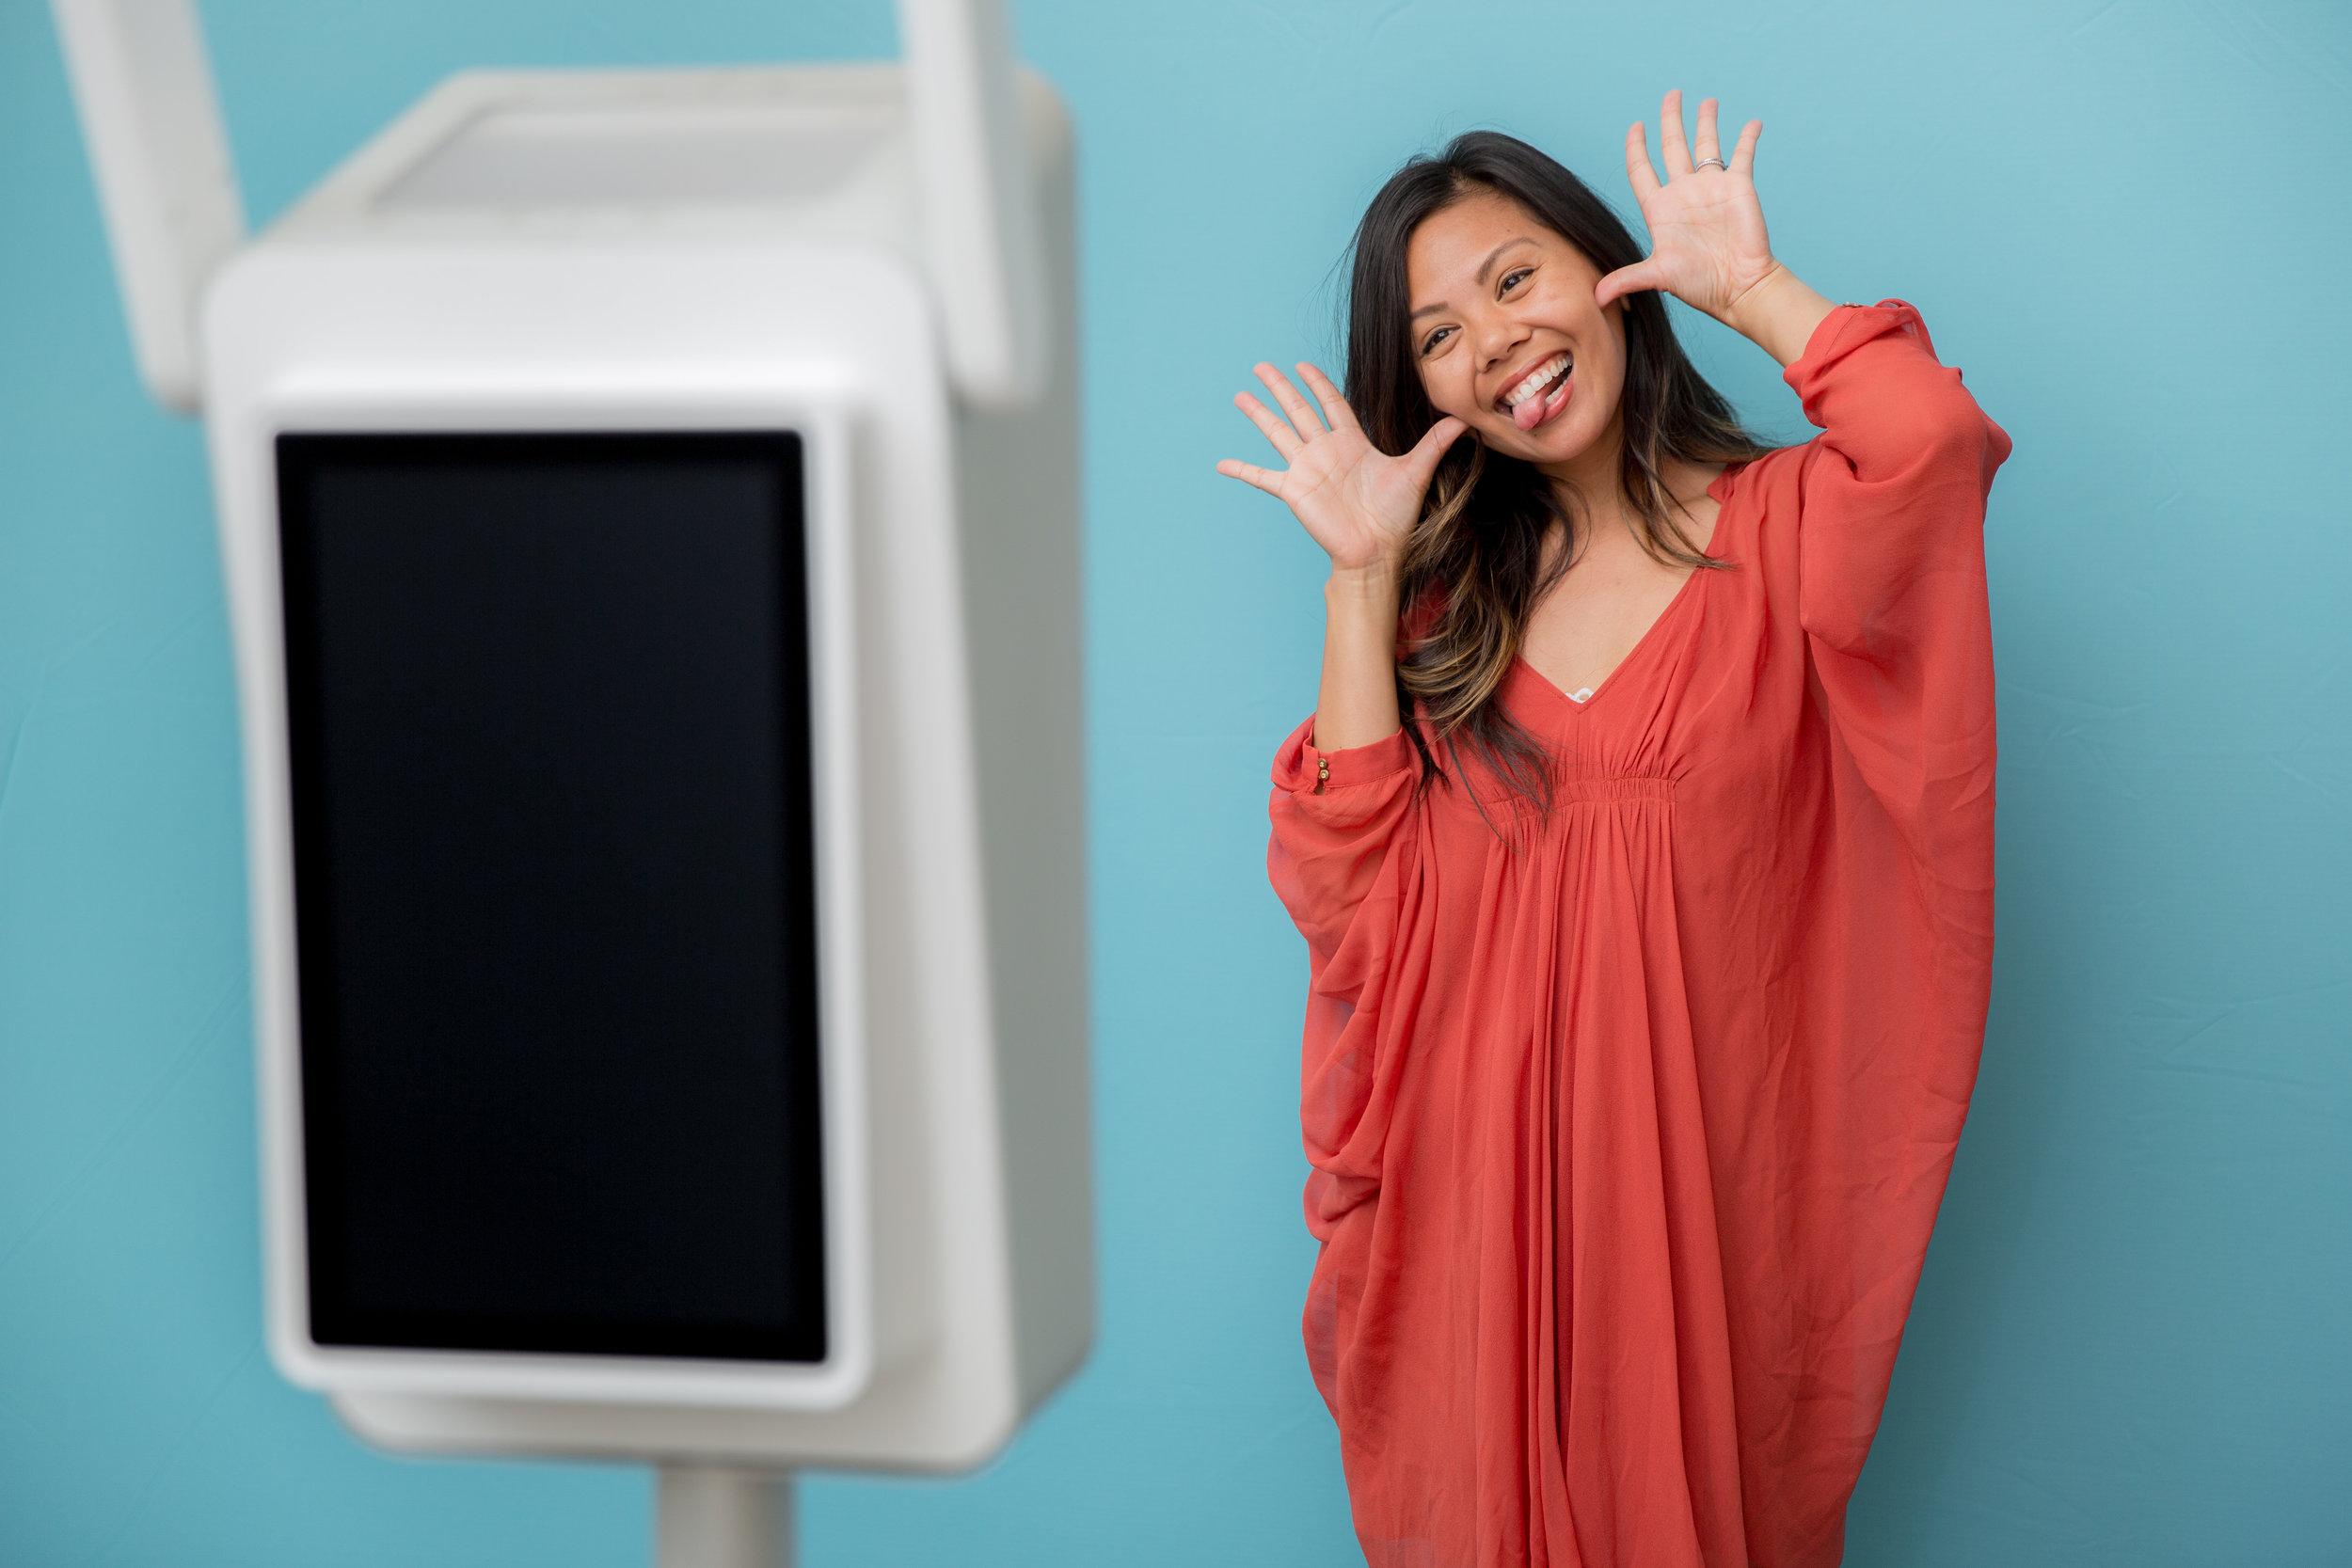 eyeobee photobooth washington dc maryland virginia